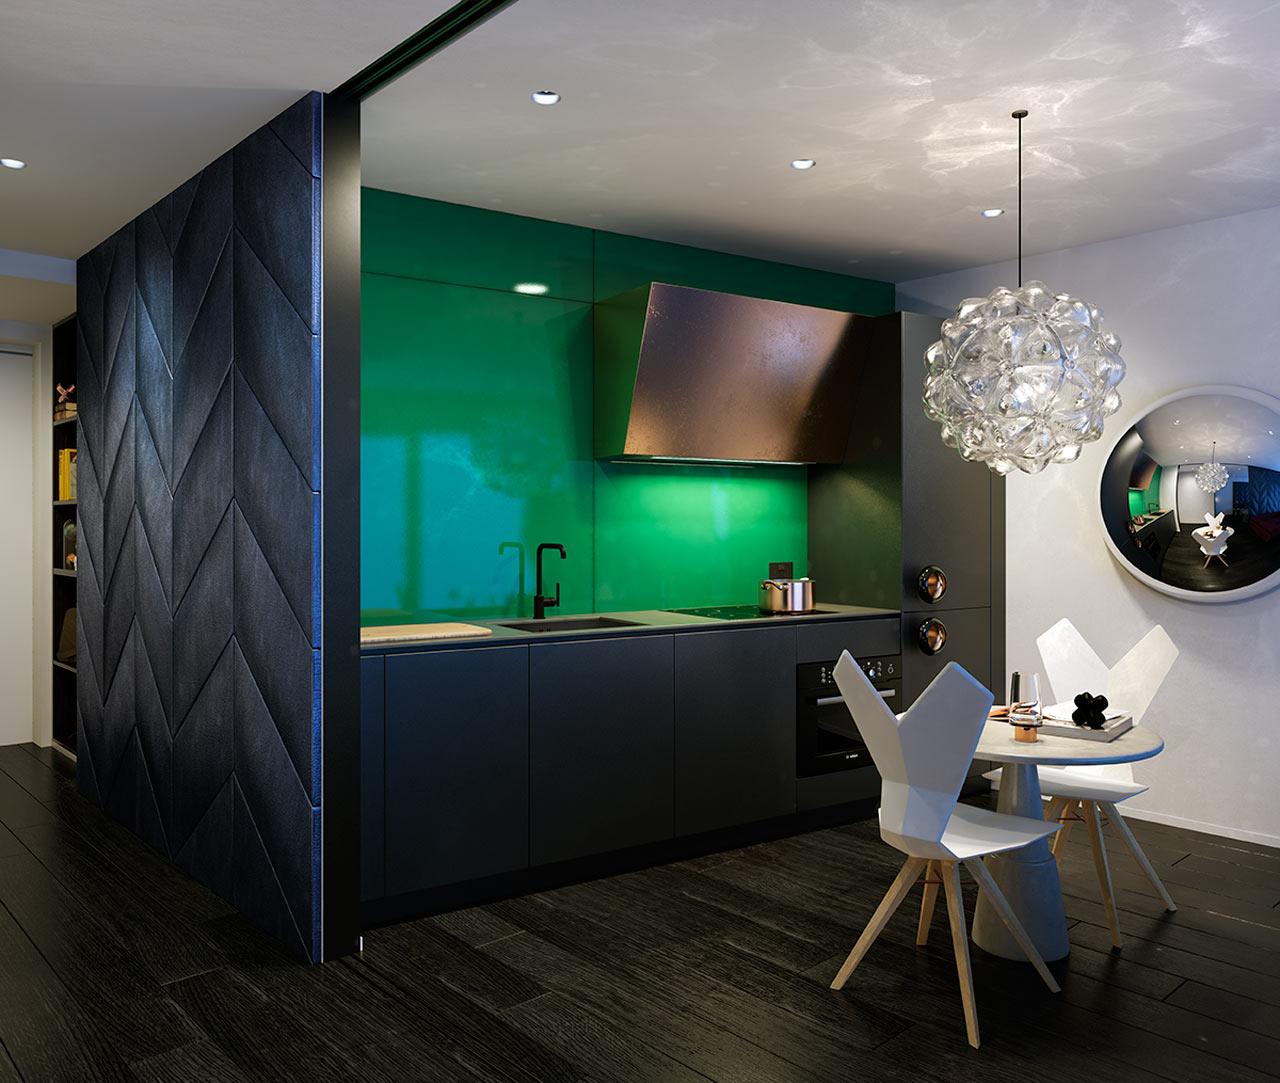 مطبخ مودرن 12 جرأة وروعة الألوان في تصميم وحدات سكنية عصرية